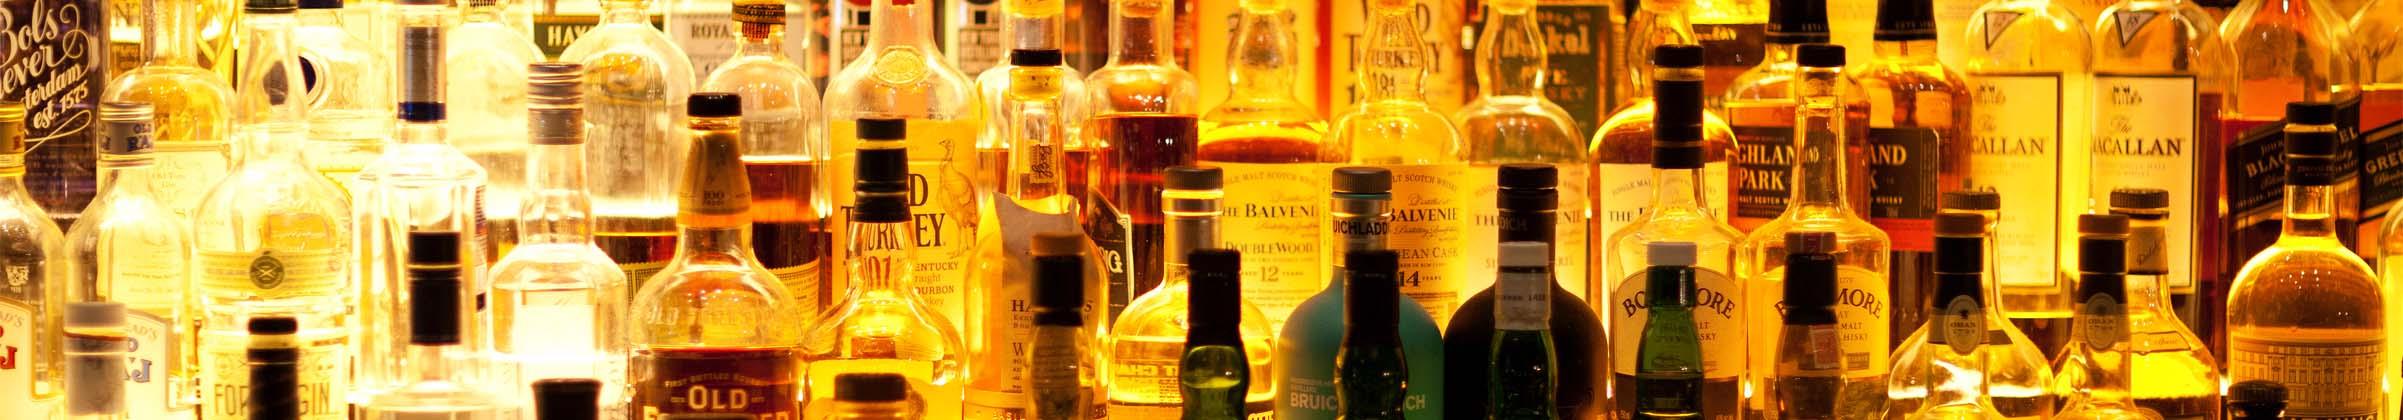 Distilleries (A-Z)